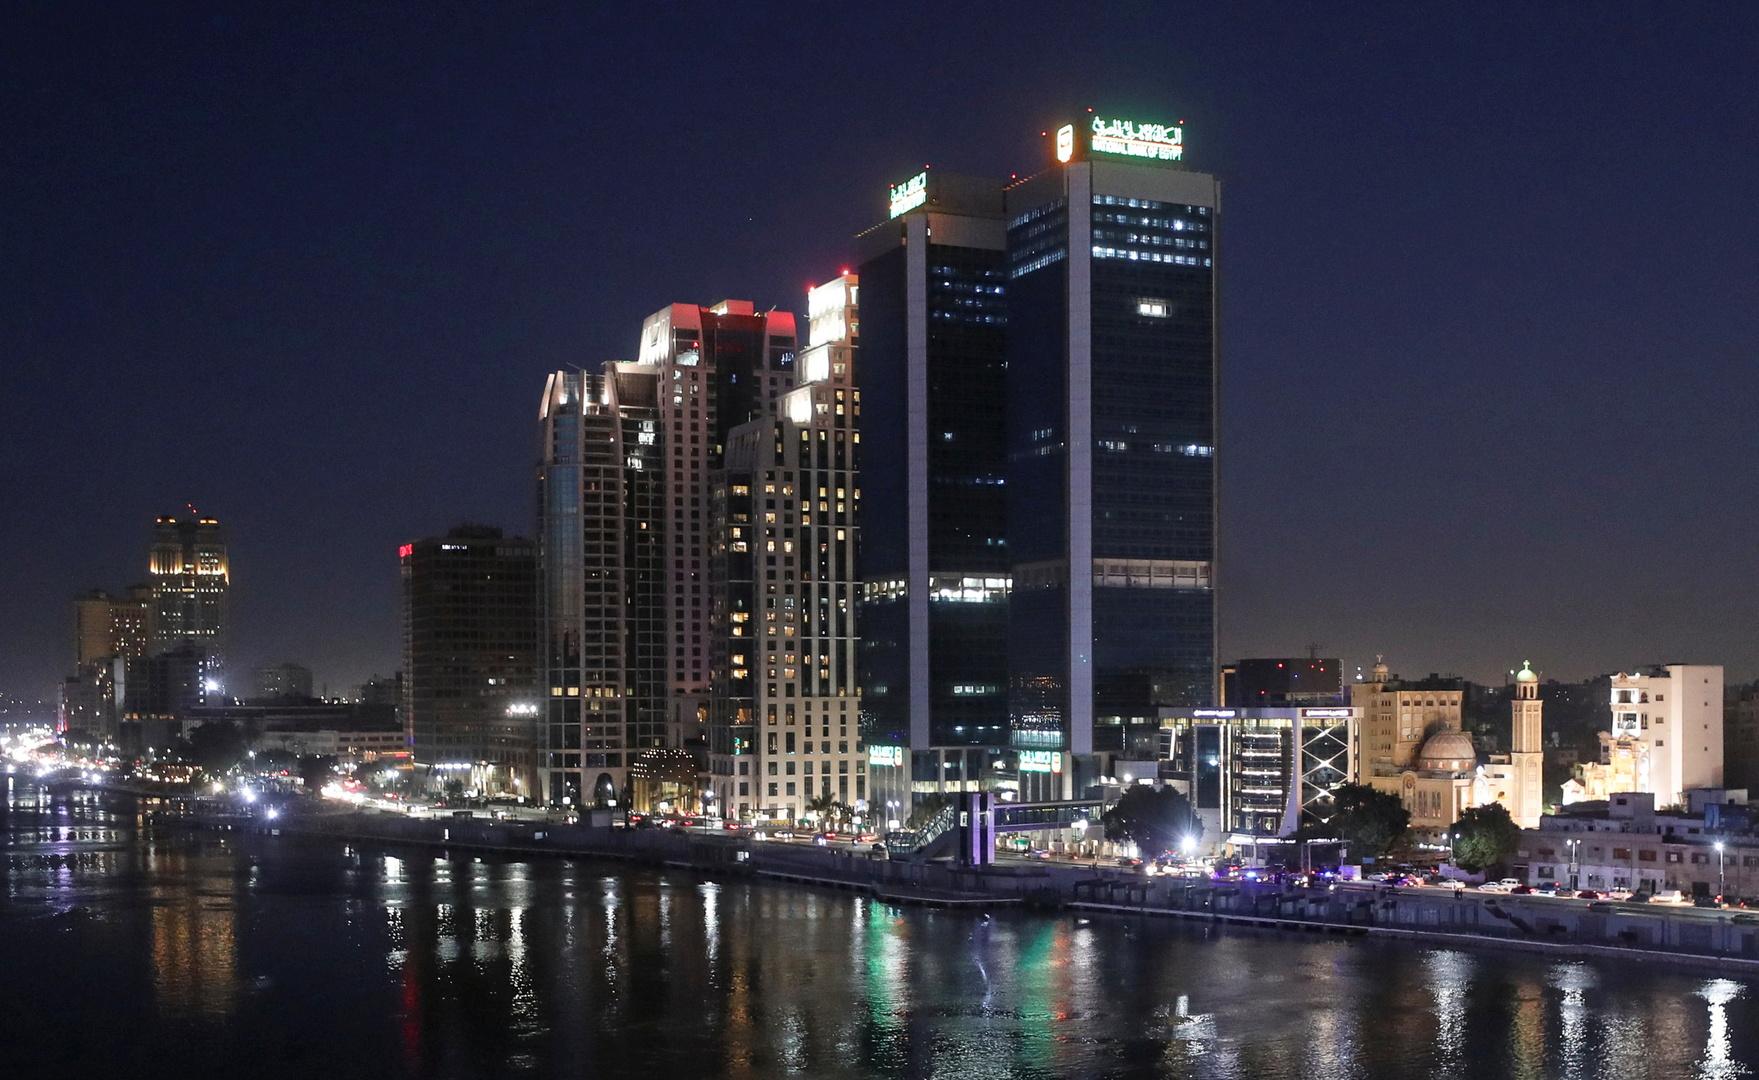 البنك المركزي المصري يطرح سندات خزانة بـ11 مليار جنيه